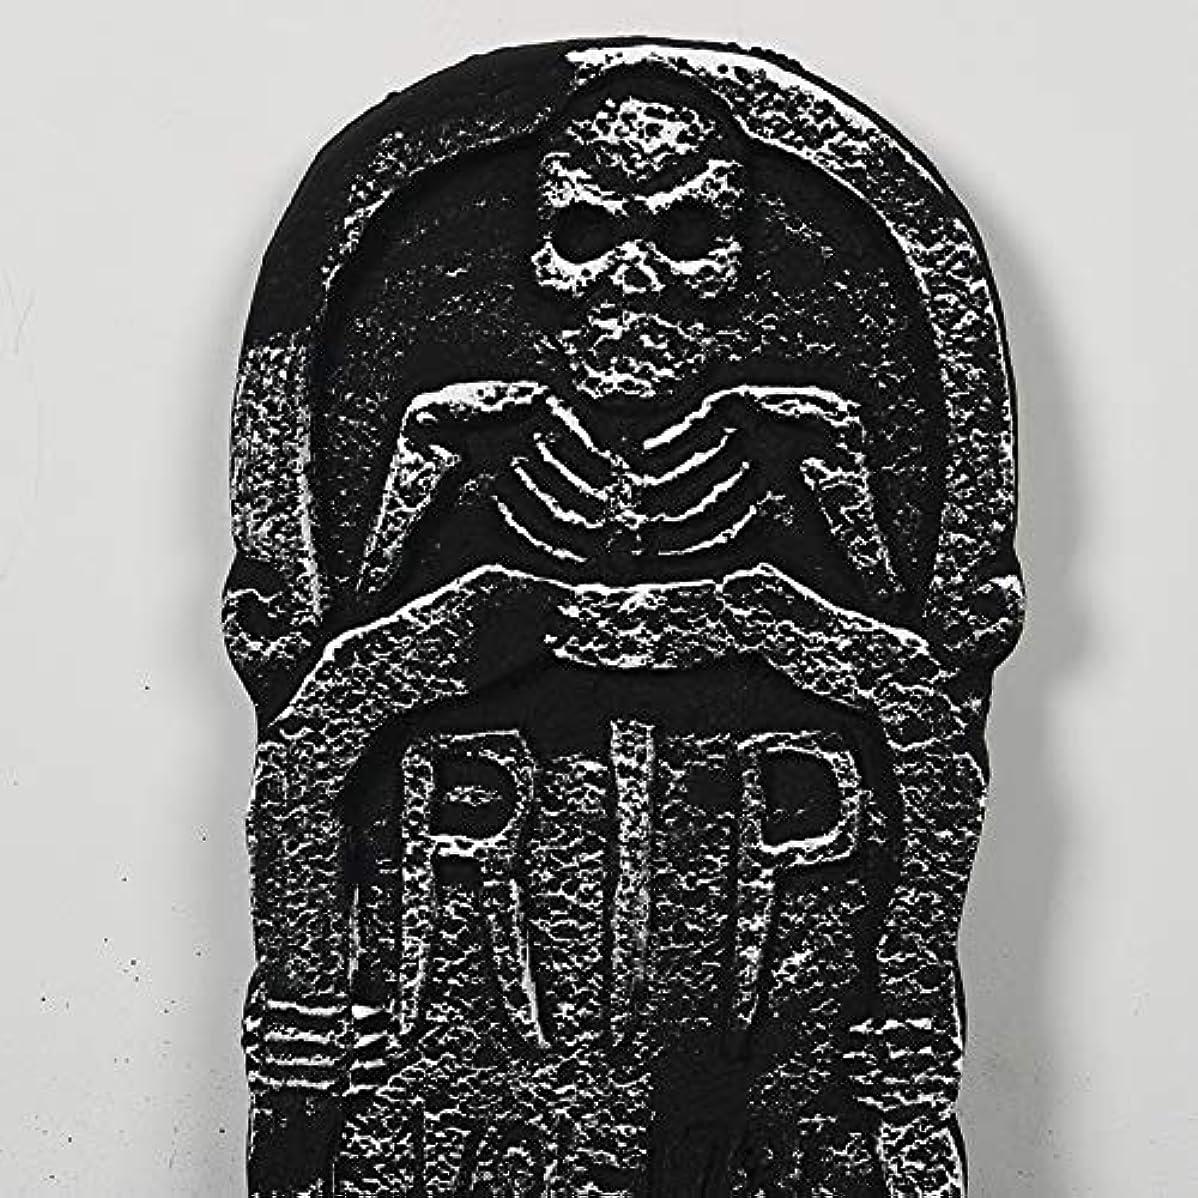 南方の印象派薬を飲むETRRUU HOME 4ピース三次元墓石ハロウィーン装飾バーお化け屋敷の秘密の部屋怖い装飾パーティー雰囲気レイアウト小道具